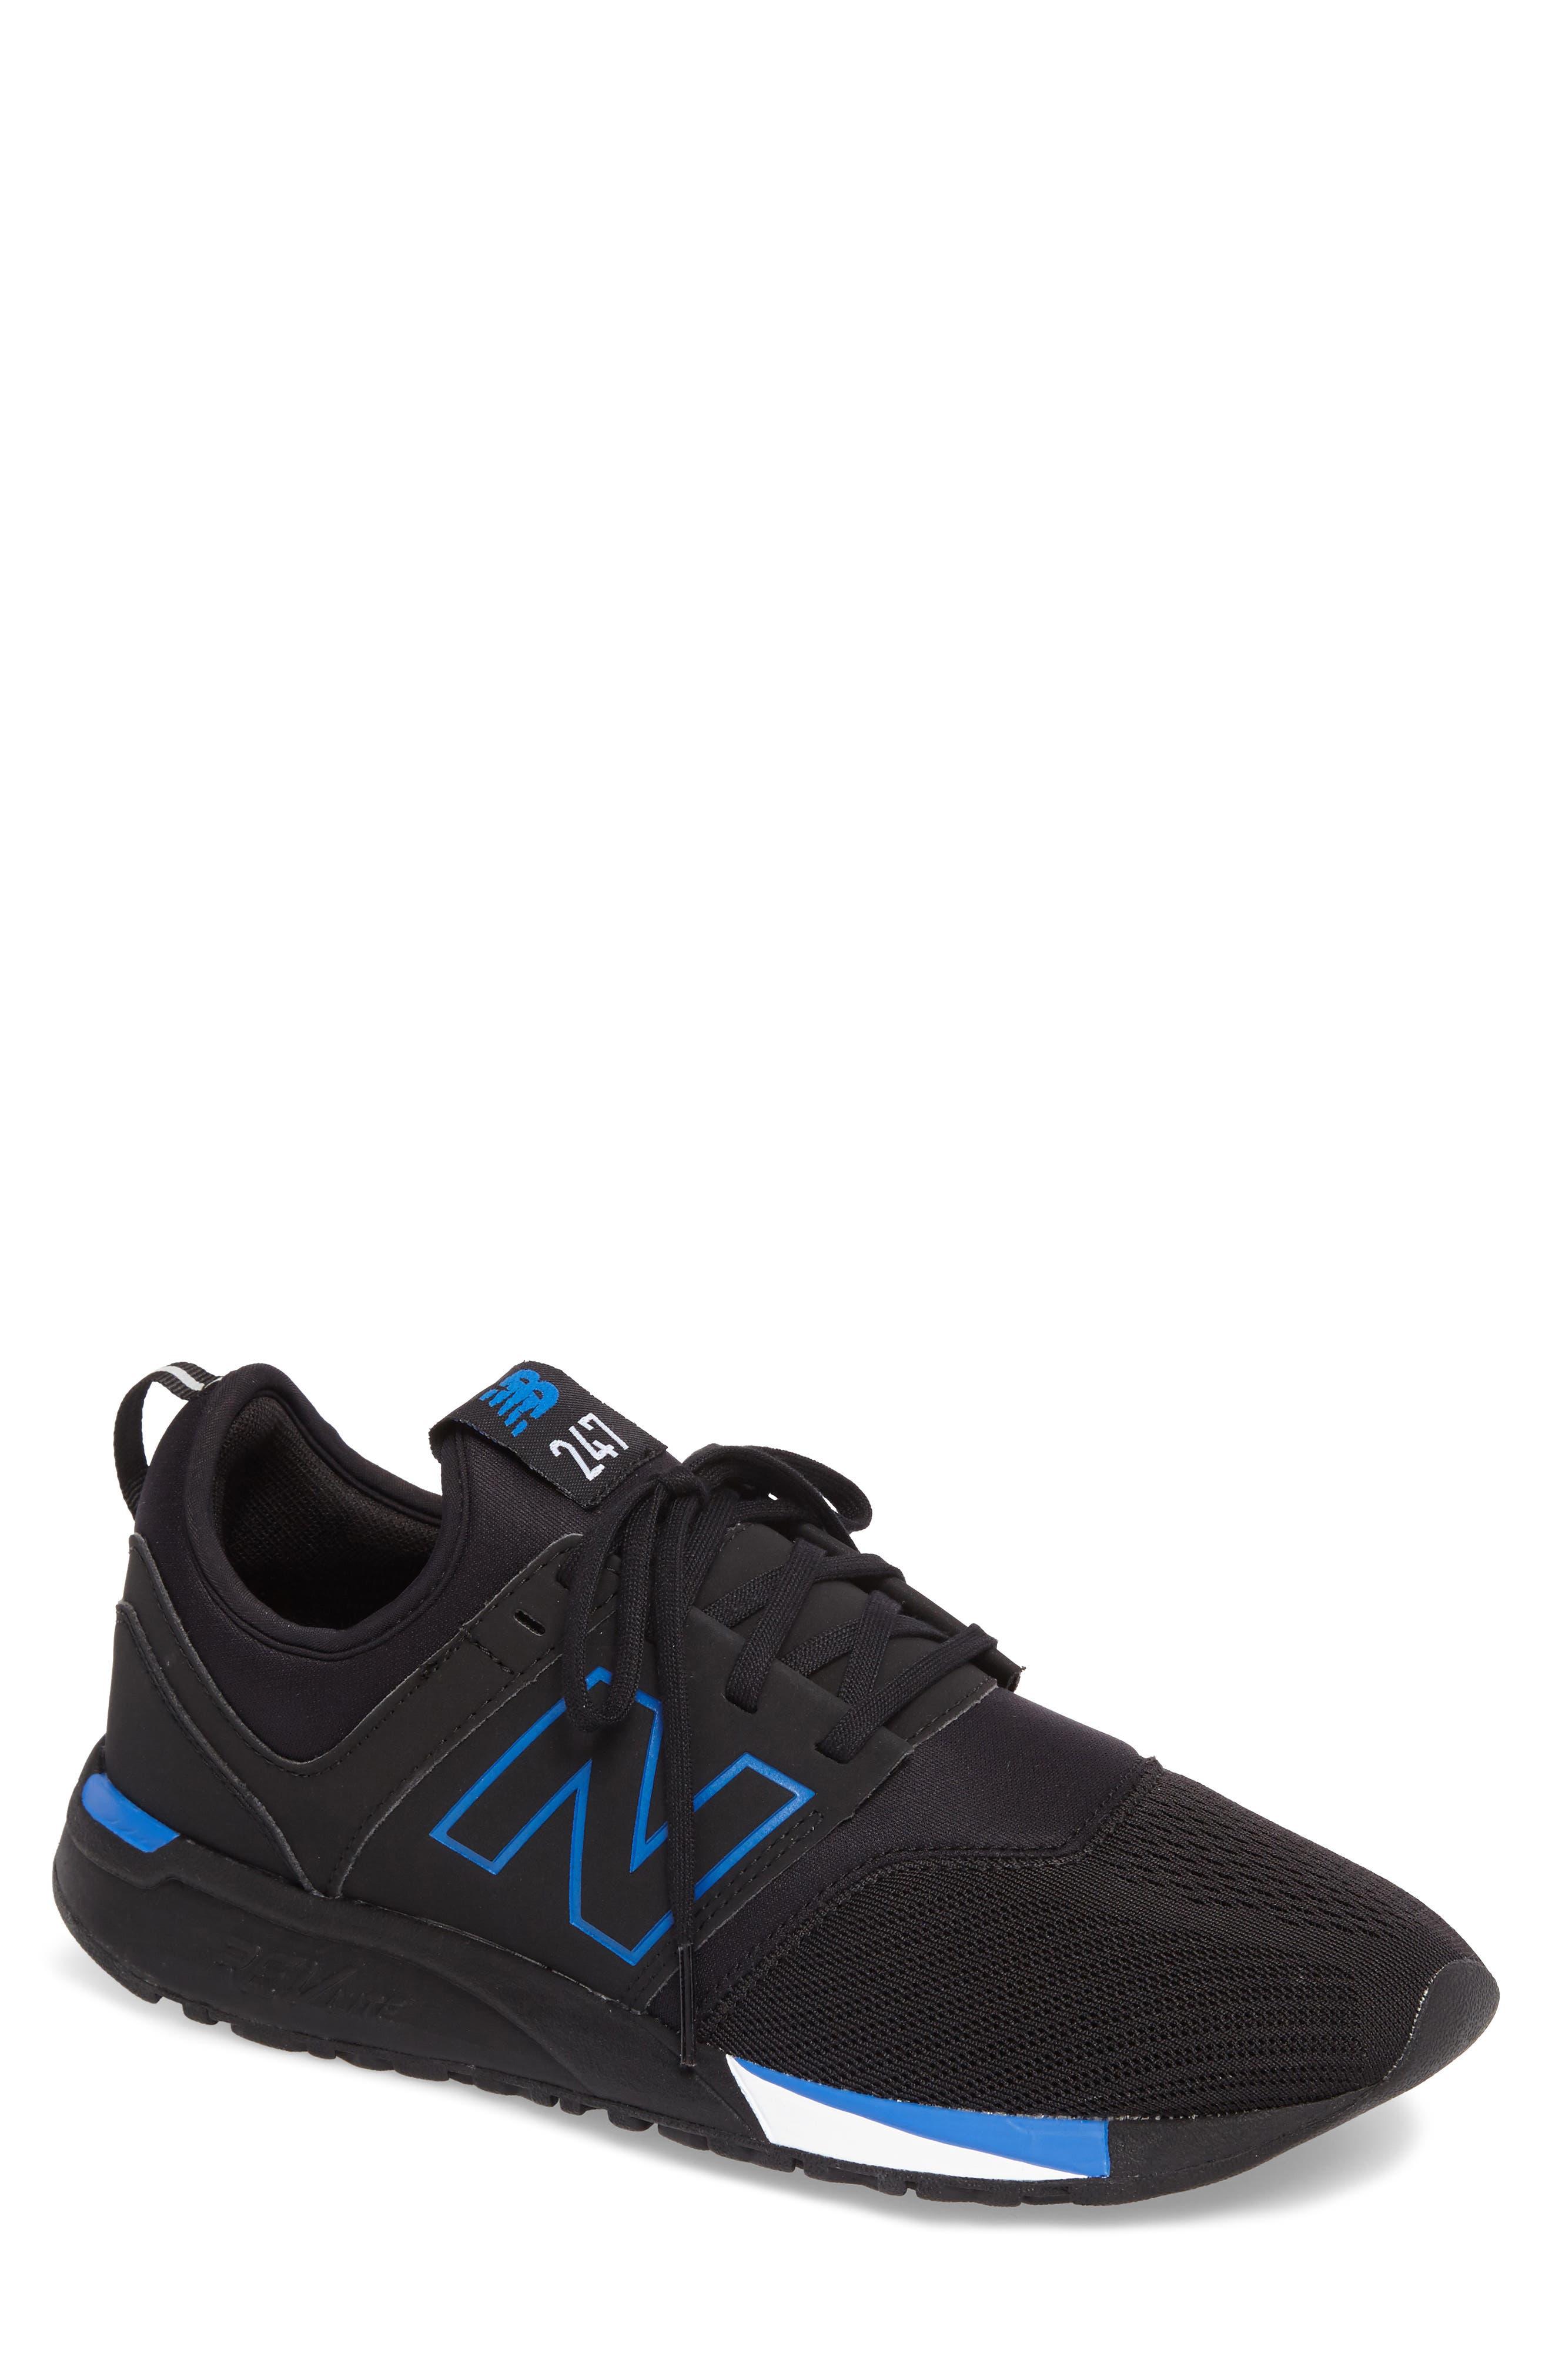 247 Sneaker,                         Main,                         color, Black